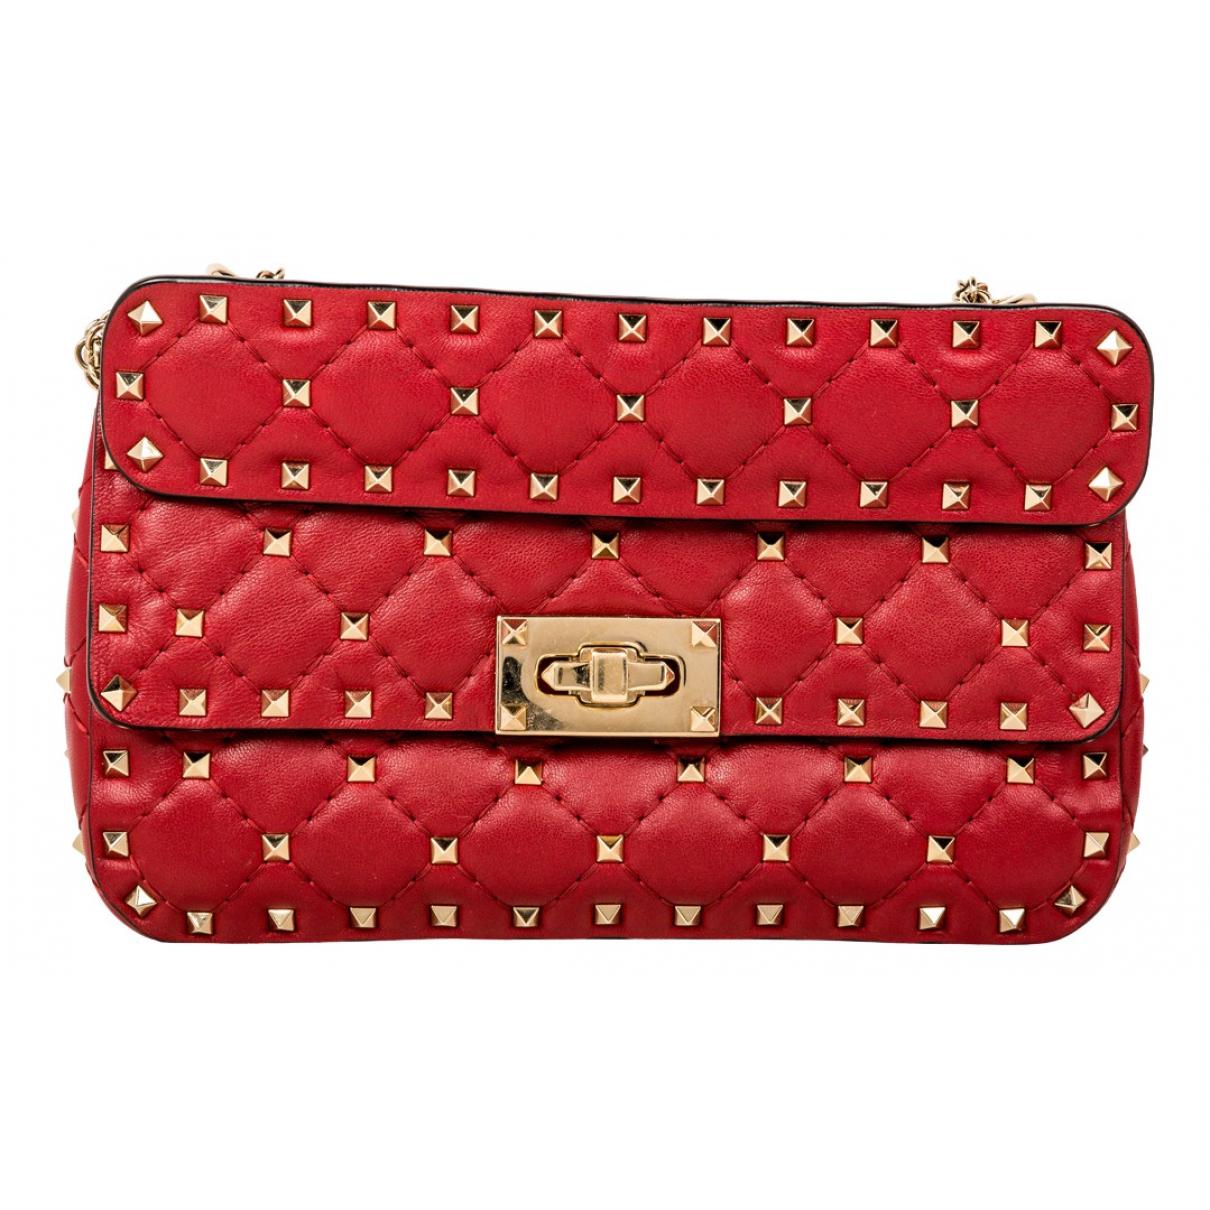 Valentino Garavani Rockstud spike Handtasche in  Rot Leder